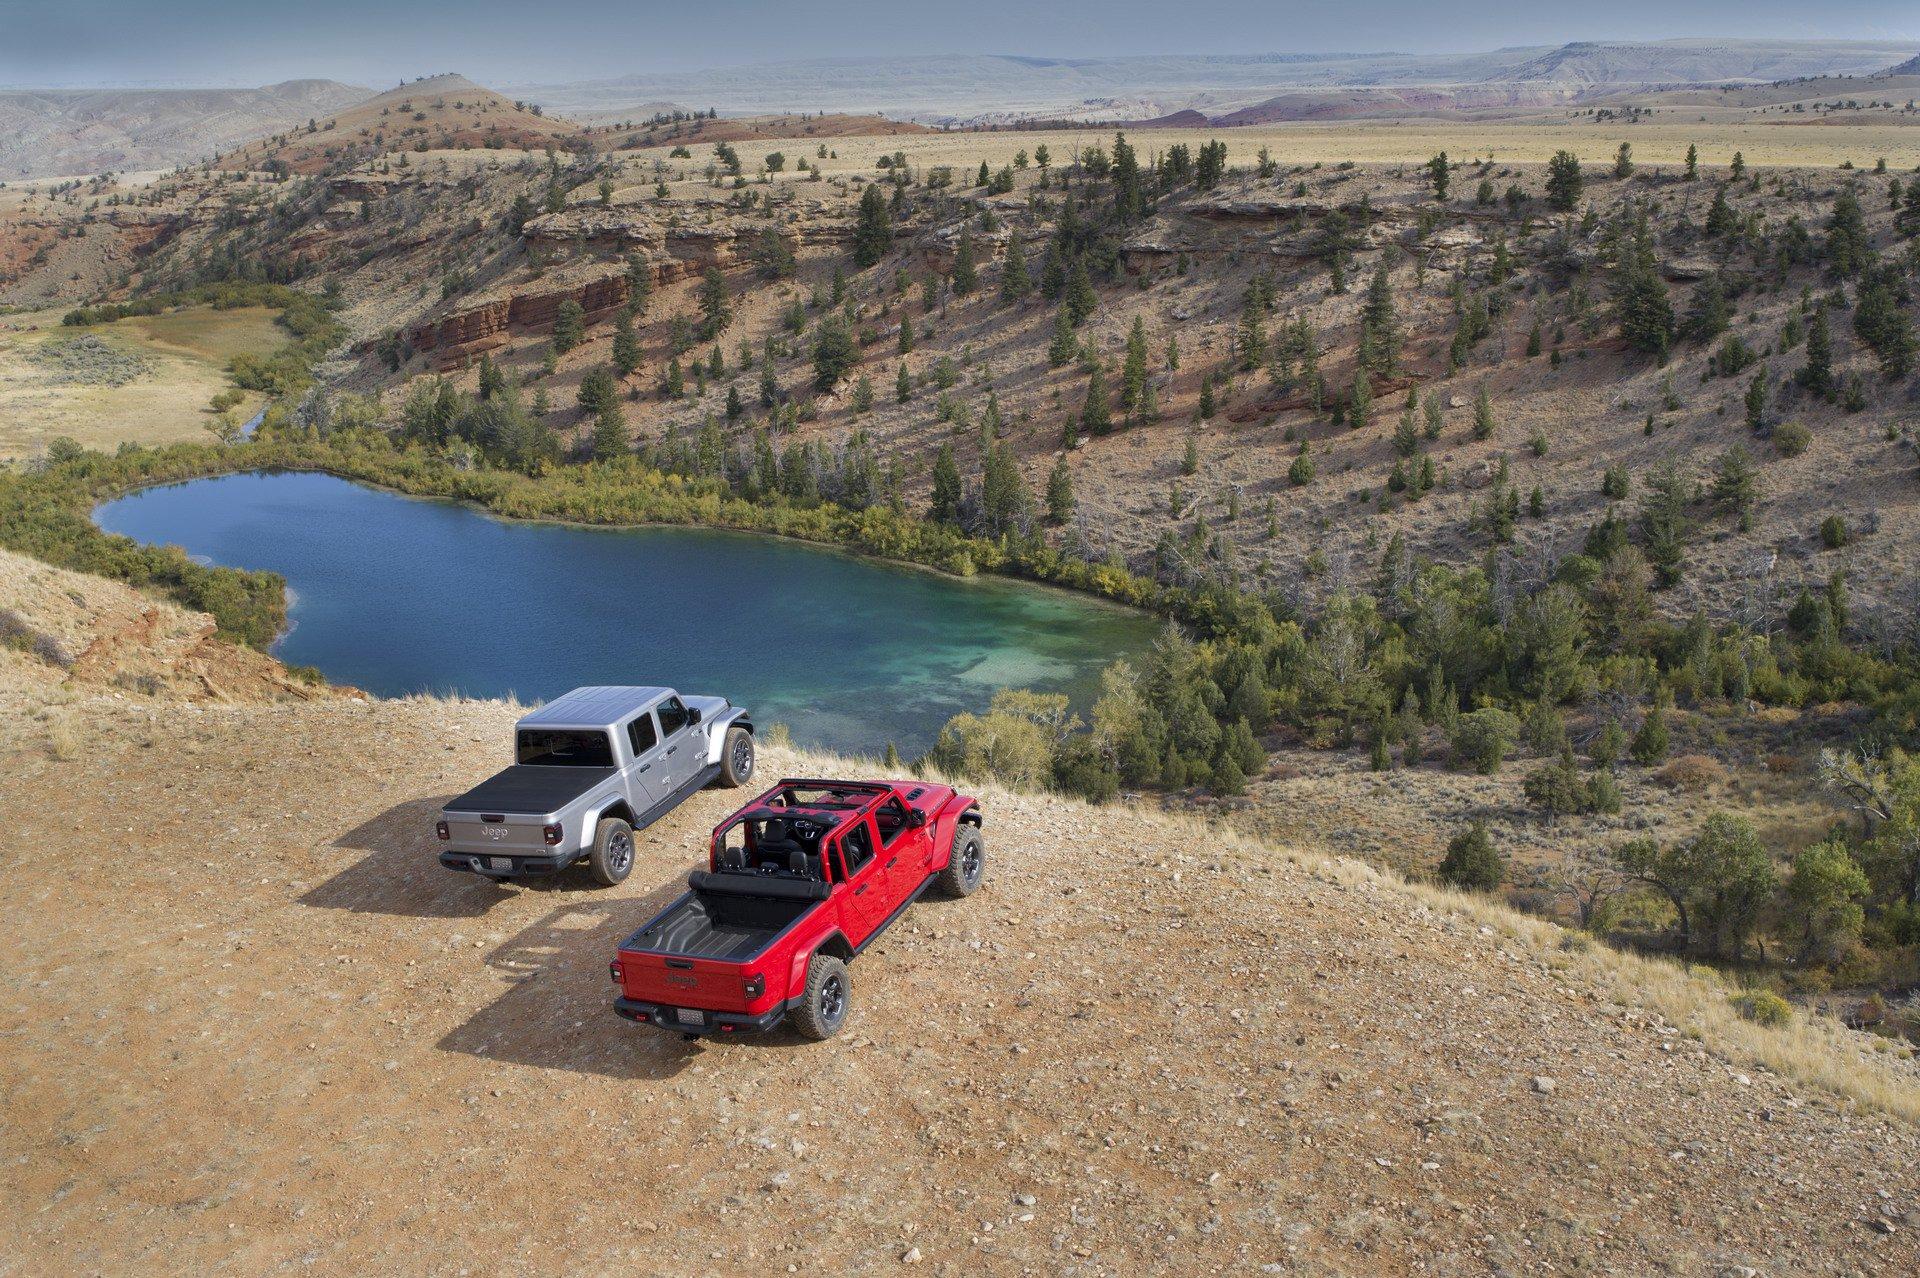 Jeep Gladiator 2019 (182)